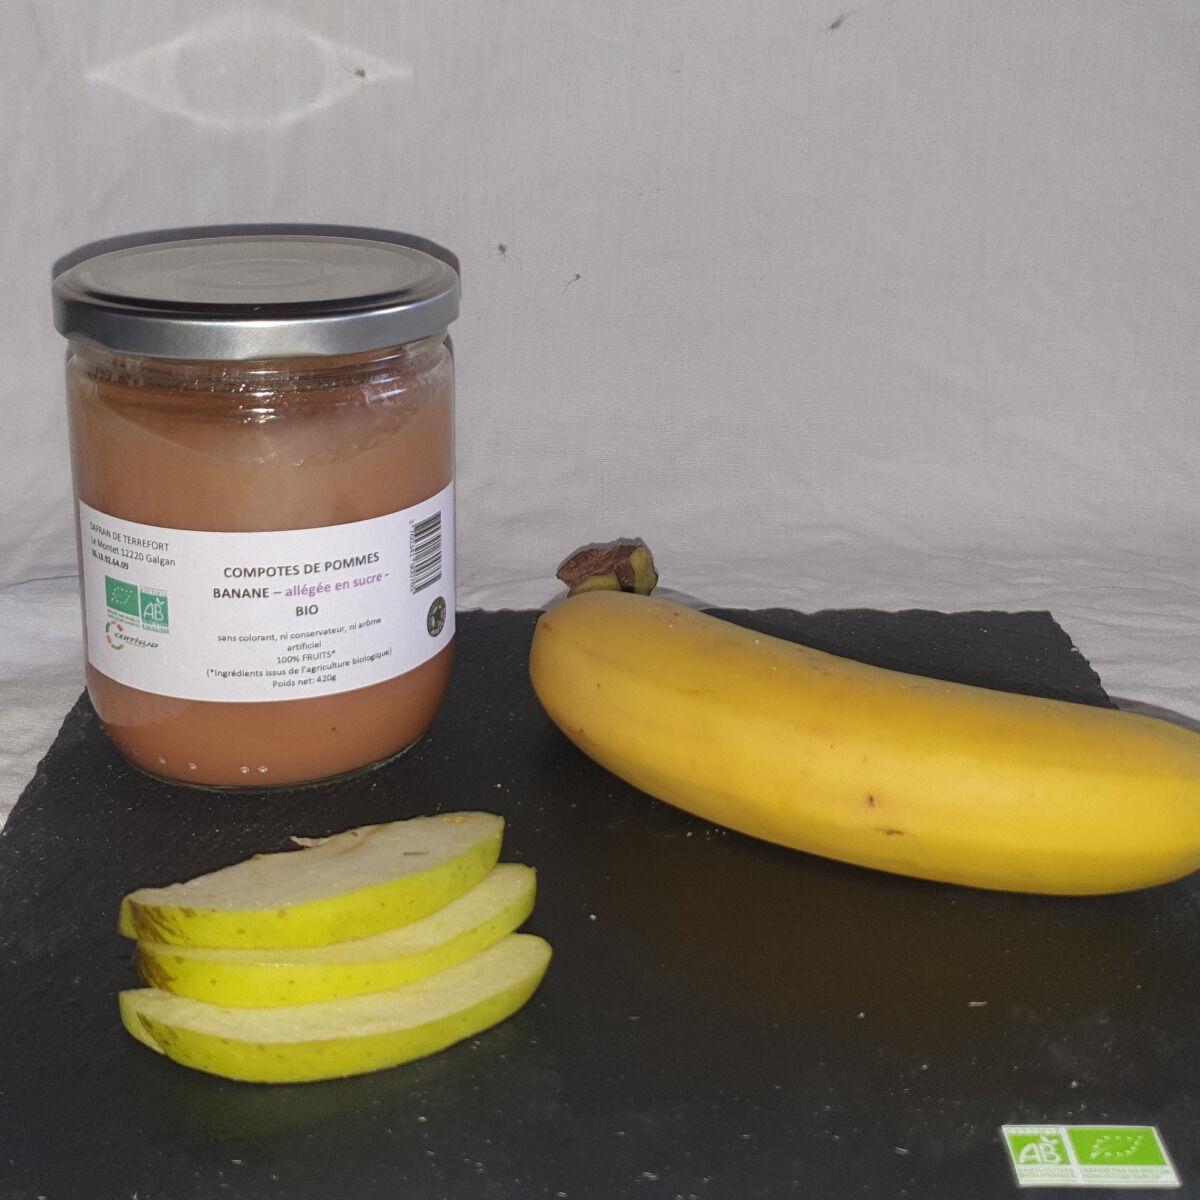 La Ferme du Montet Compote Pomme - Banane - bio - allégée en sucre